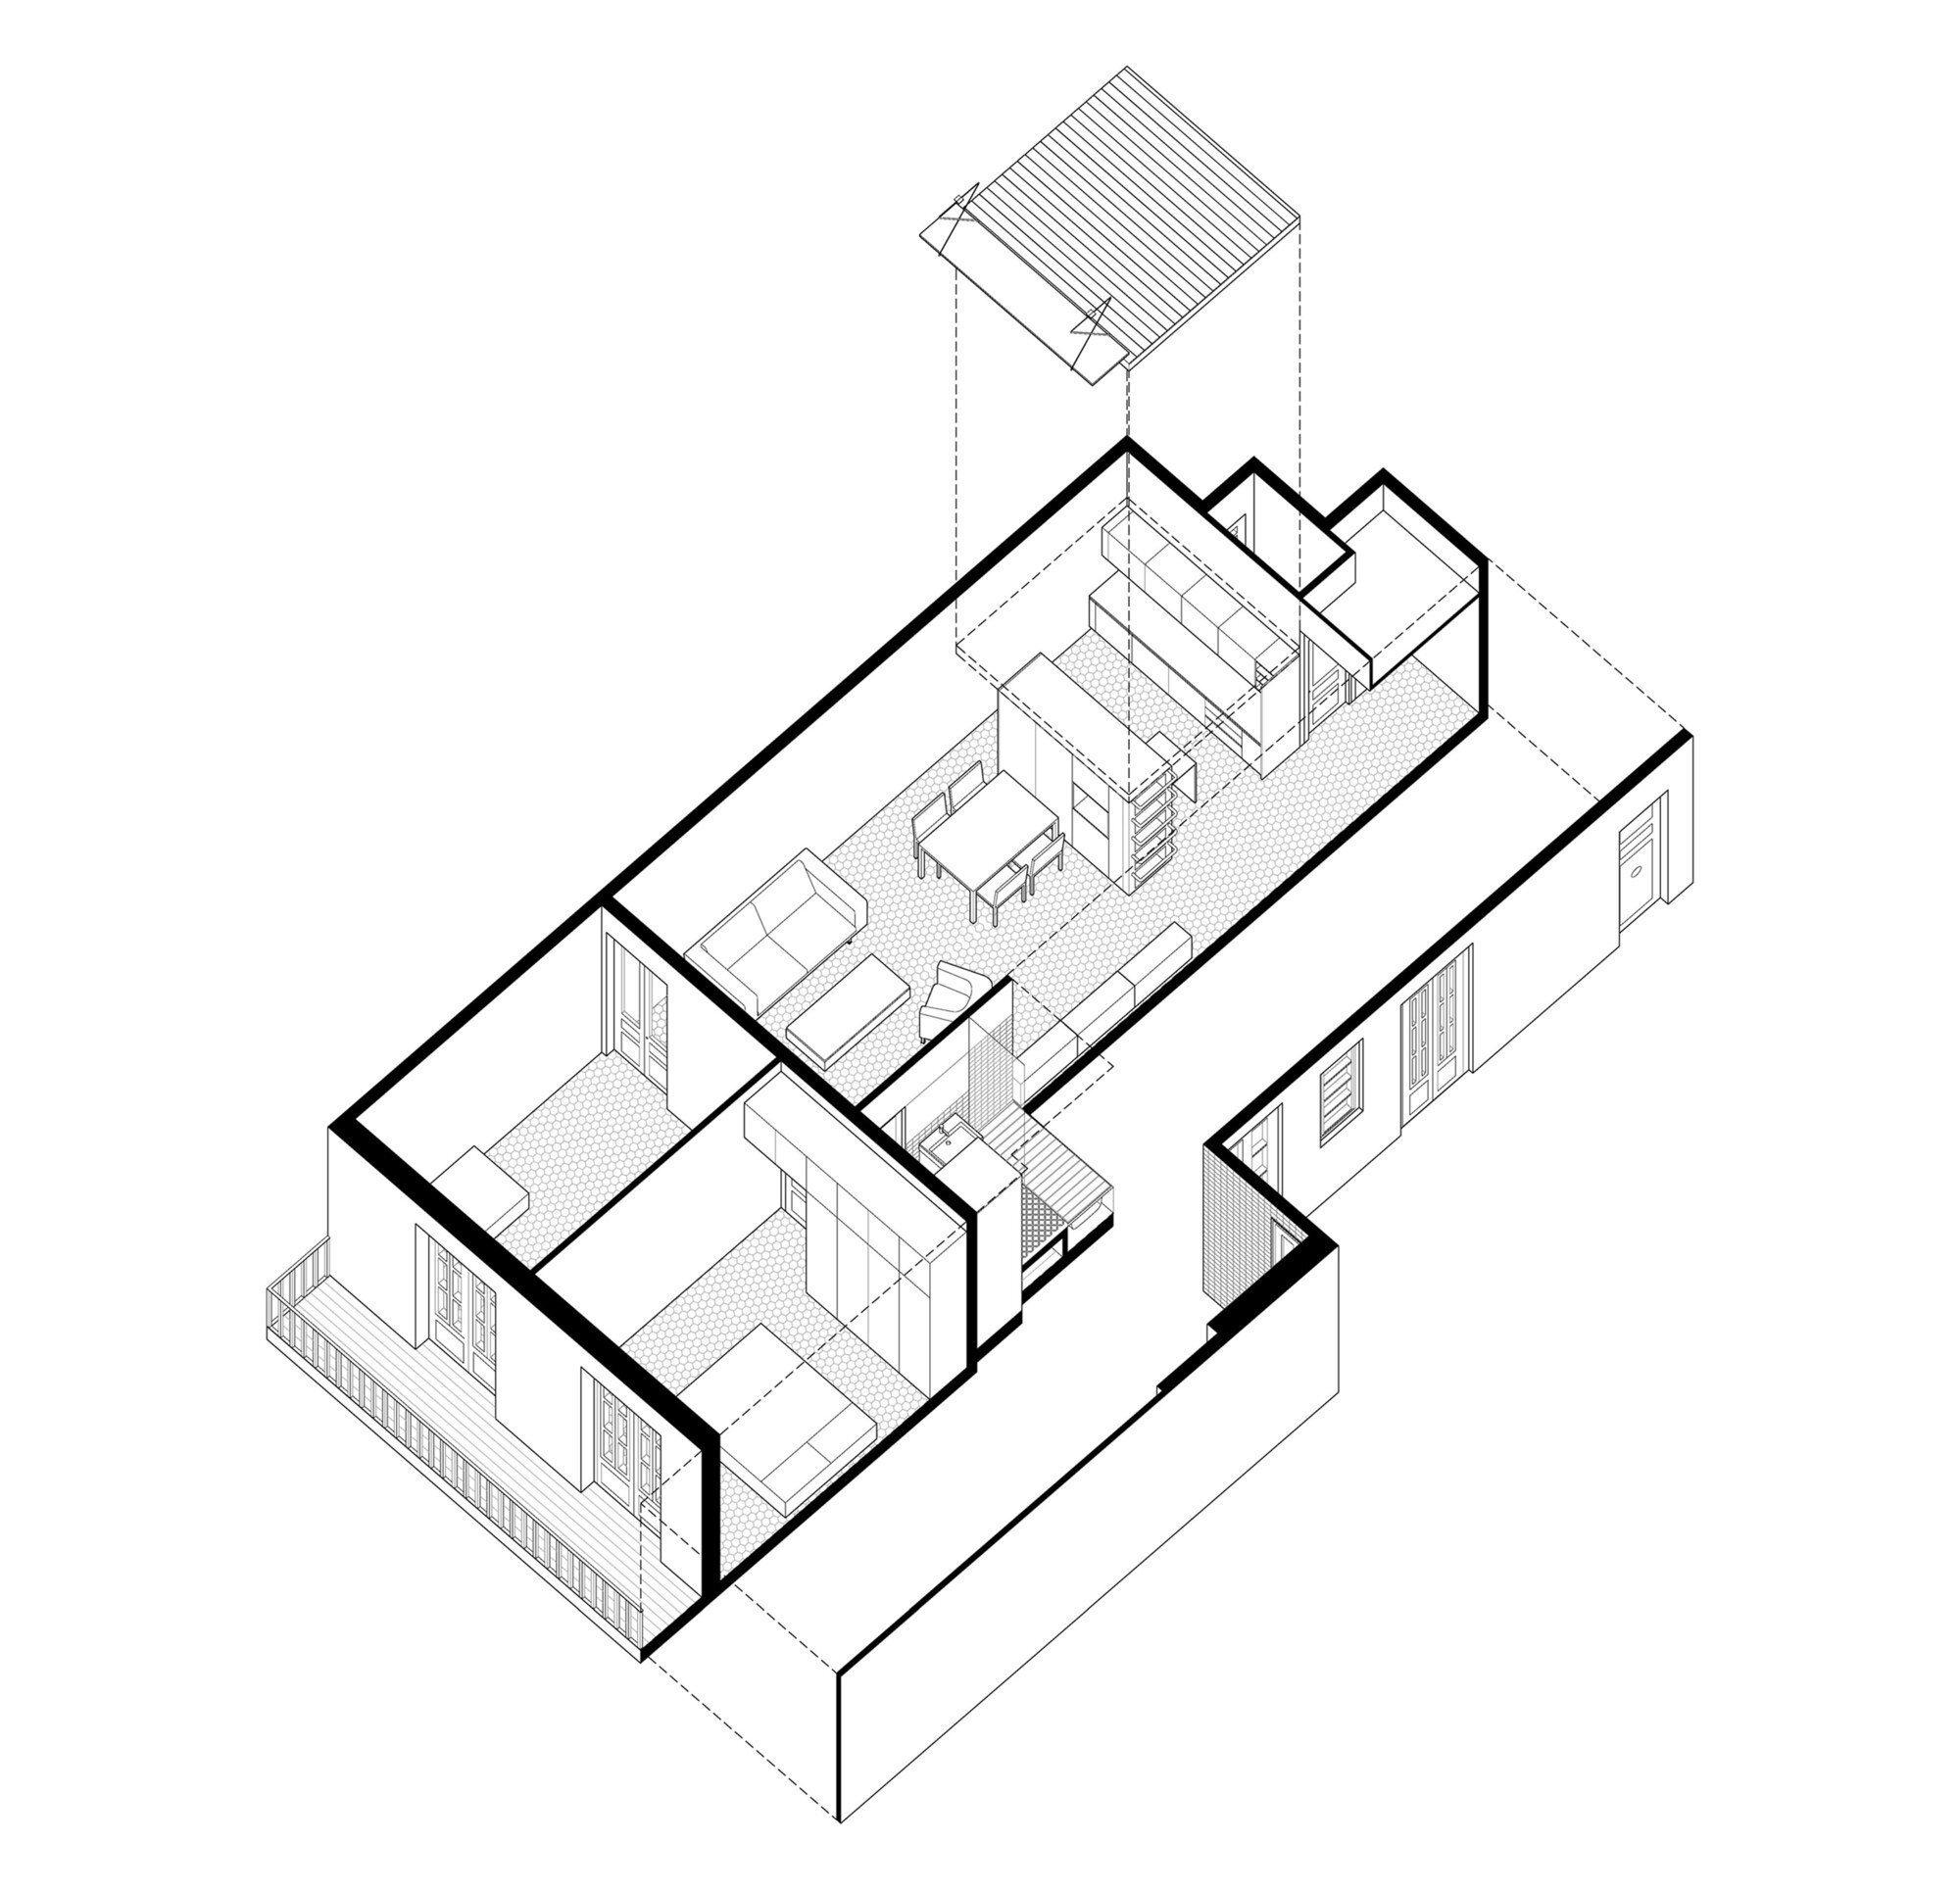 Small Apartment in Gran Via - Bach Arquitectes - Spain - Floor Plan - Humble Homes